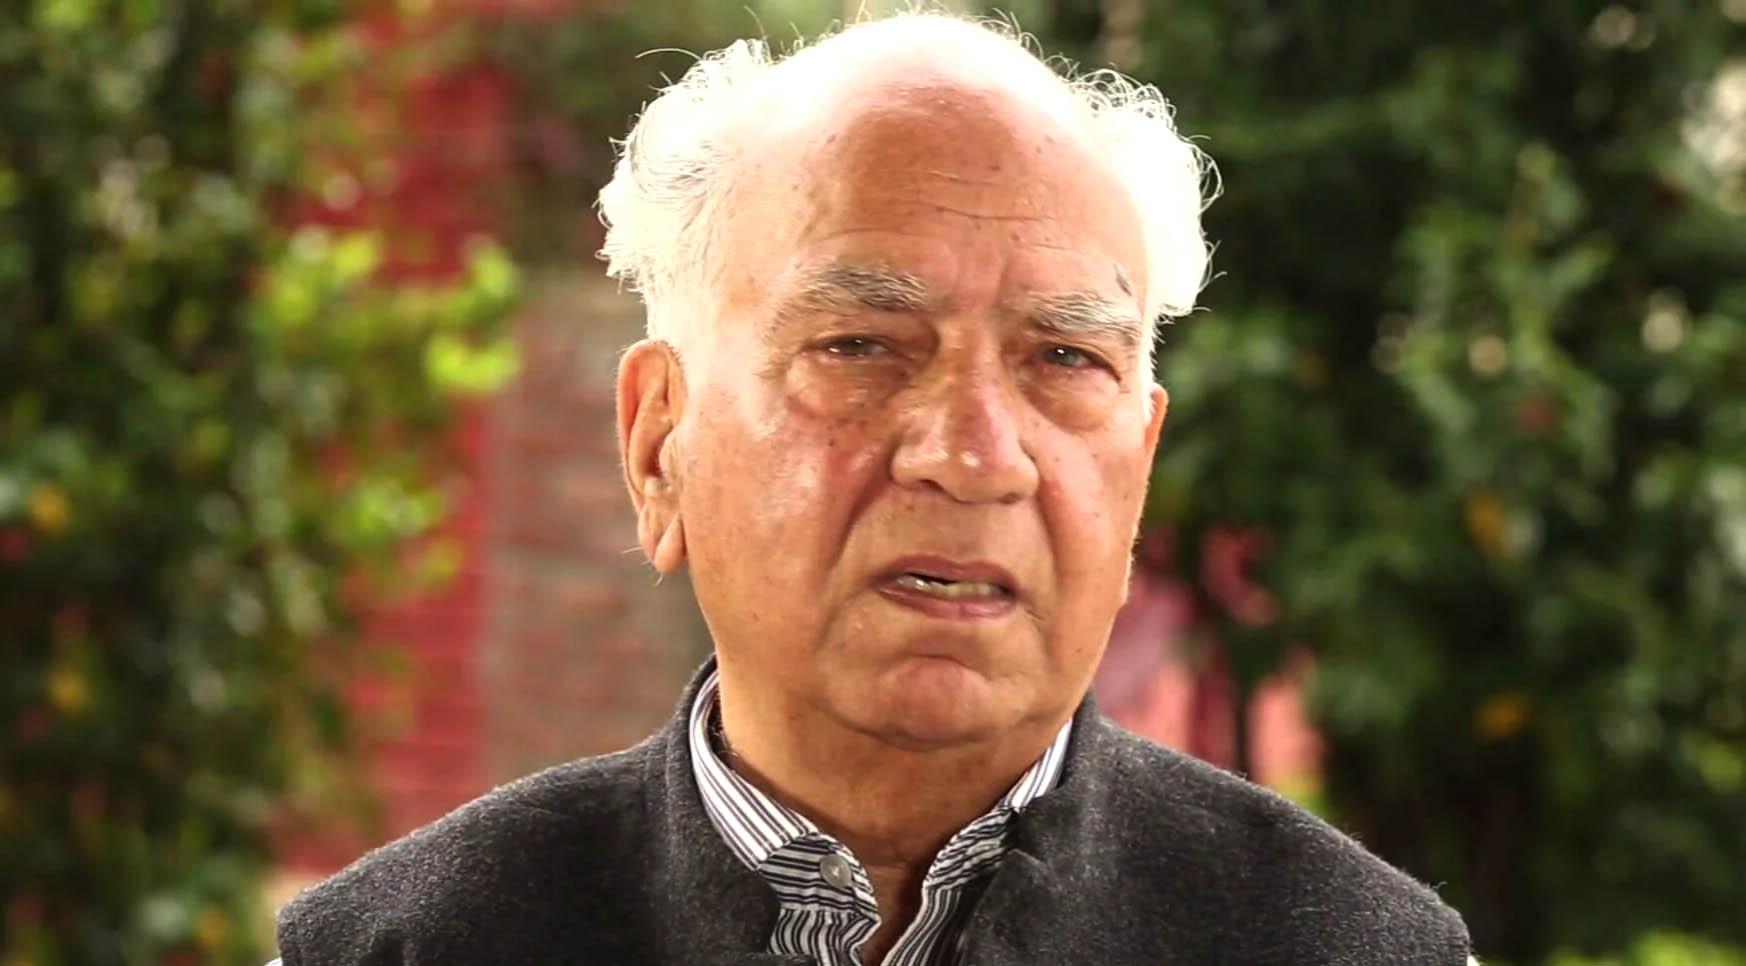 कांग्रेस विधायक क्षमा याचना करेंगे, तो उनका कद छोटा न होकर, बड़ा होगा,पूर्व मुख्यमंत्री शांता कुमार ने वीरभद्र को फोन कहा